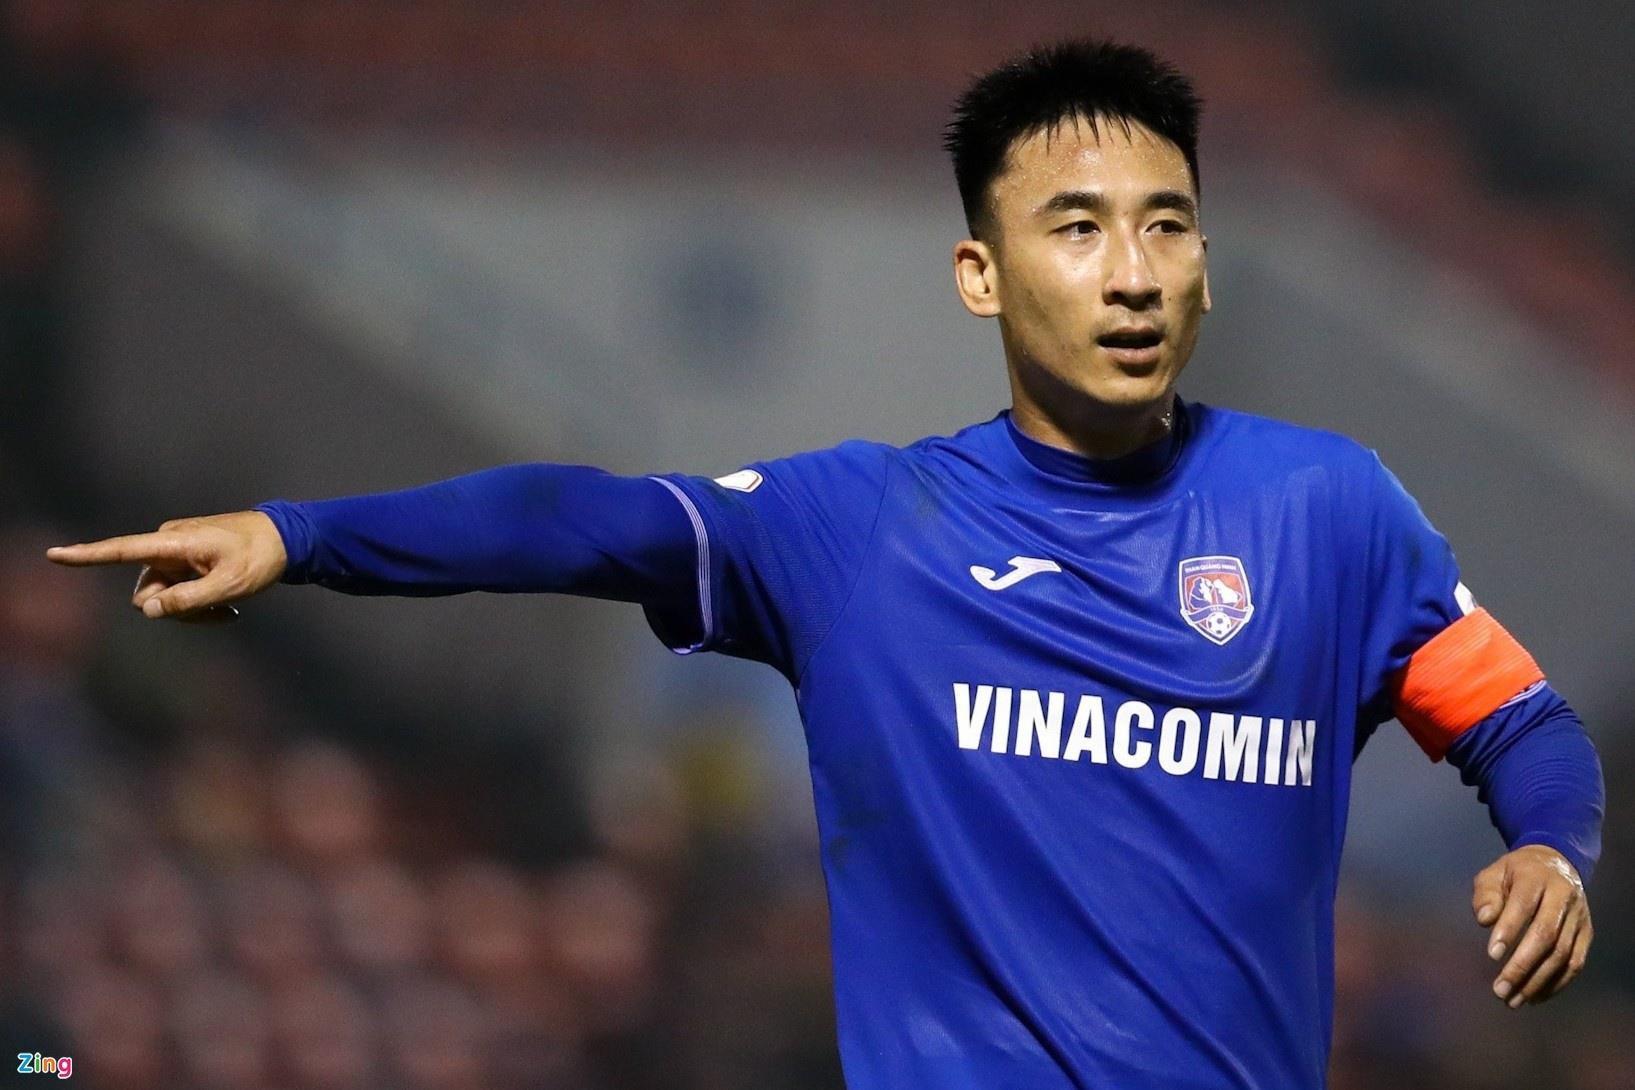 Cầu thủ Quảng Ninh phải cam kết không kiện CLB để được rời đội - 1